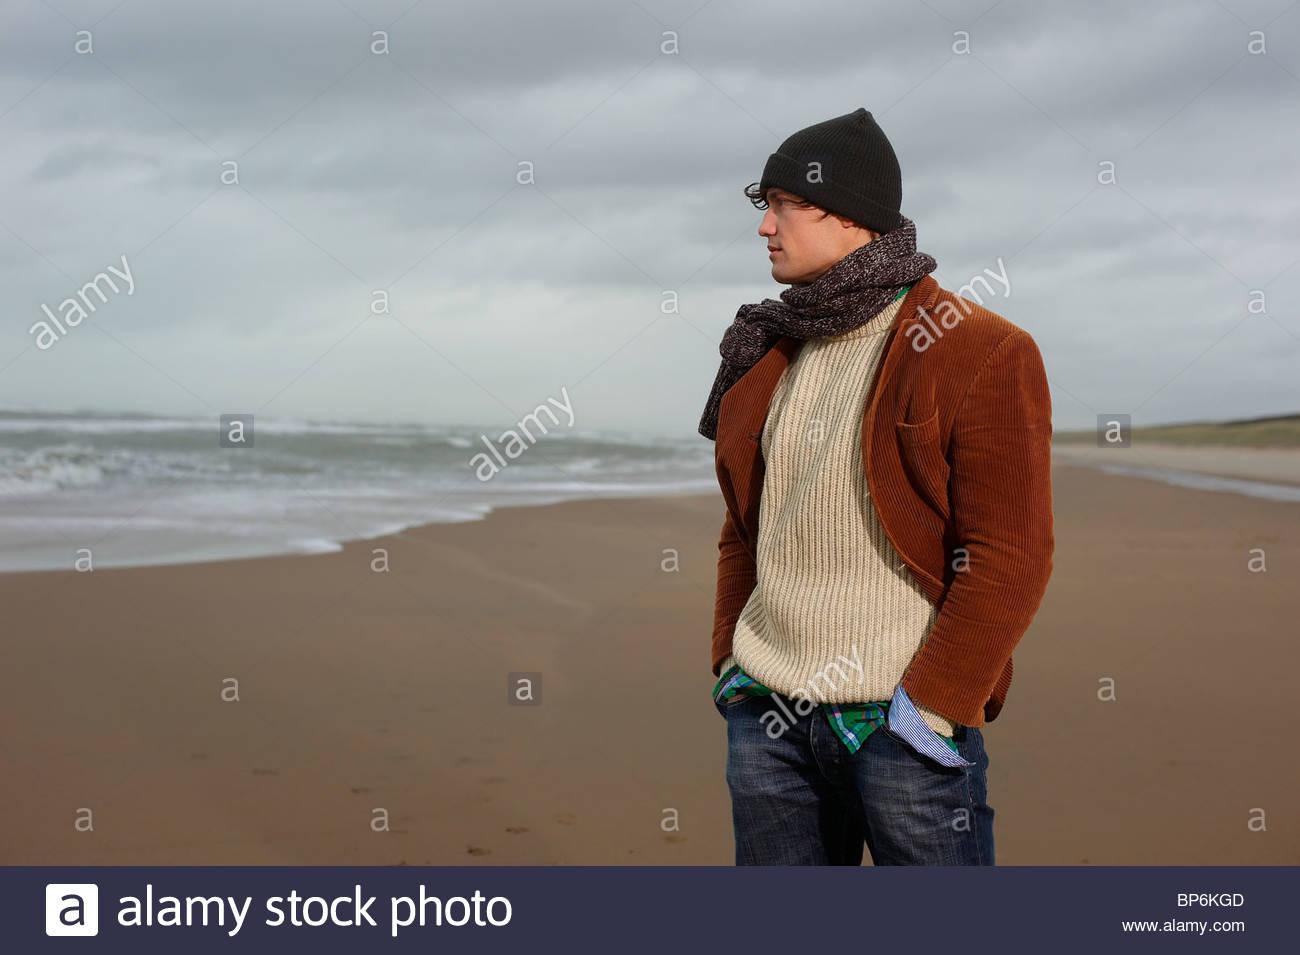 Un homme debout sur une plage sur une journée l'hiver à la mer Photo Stock